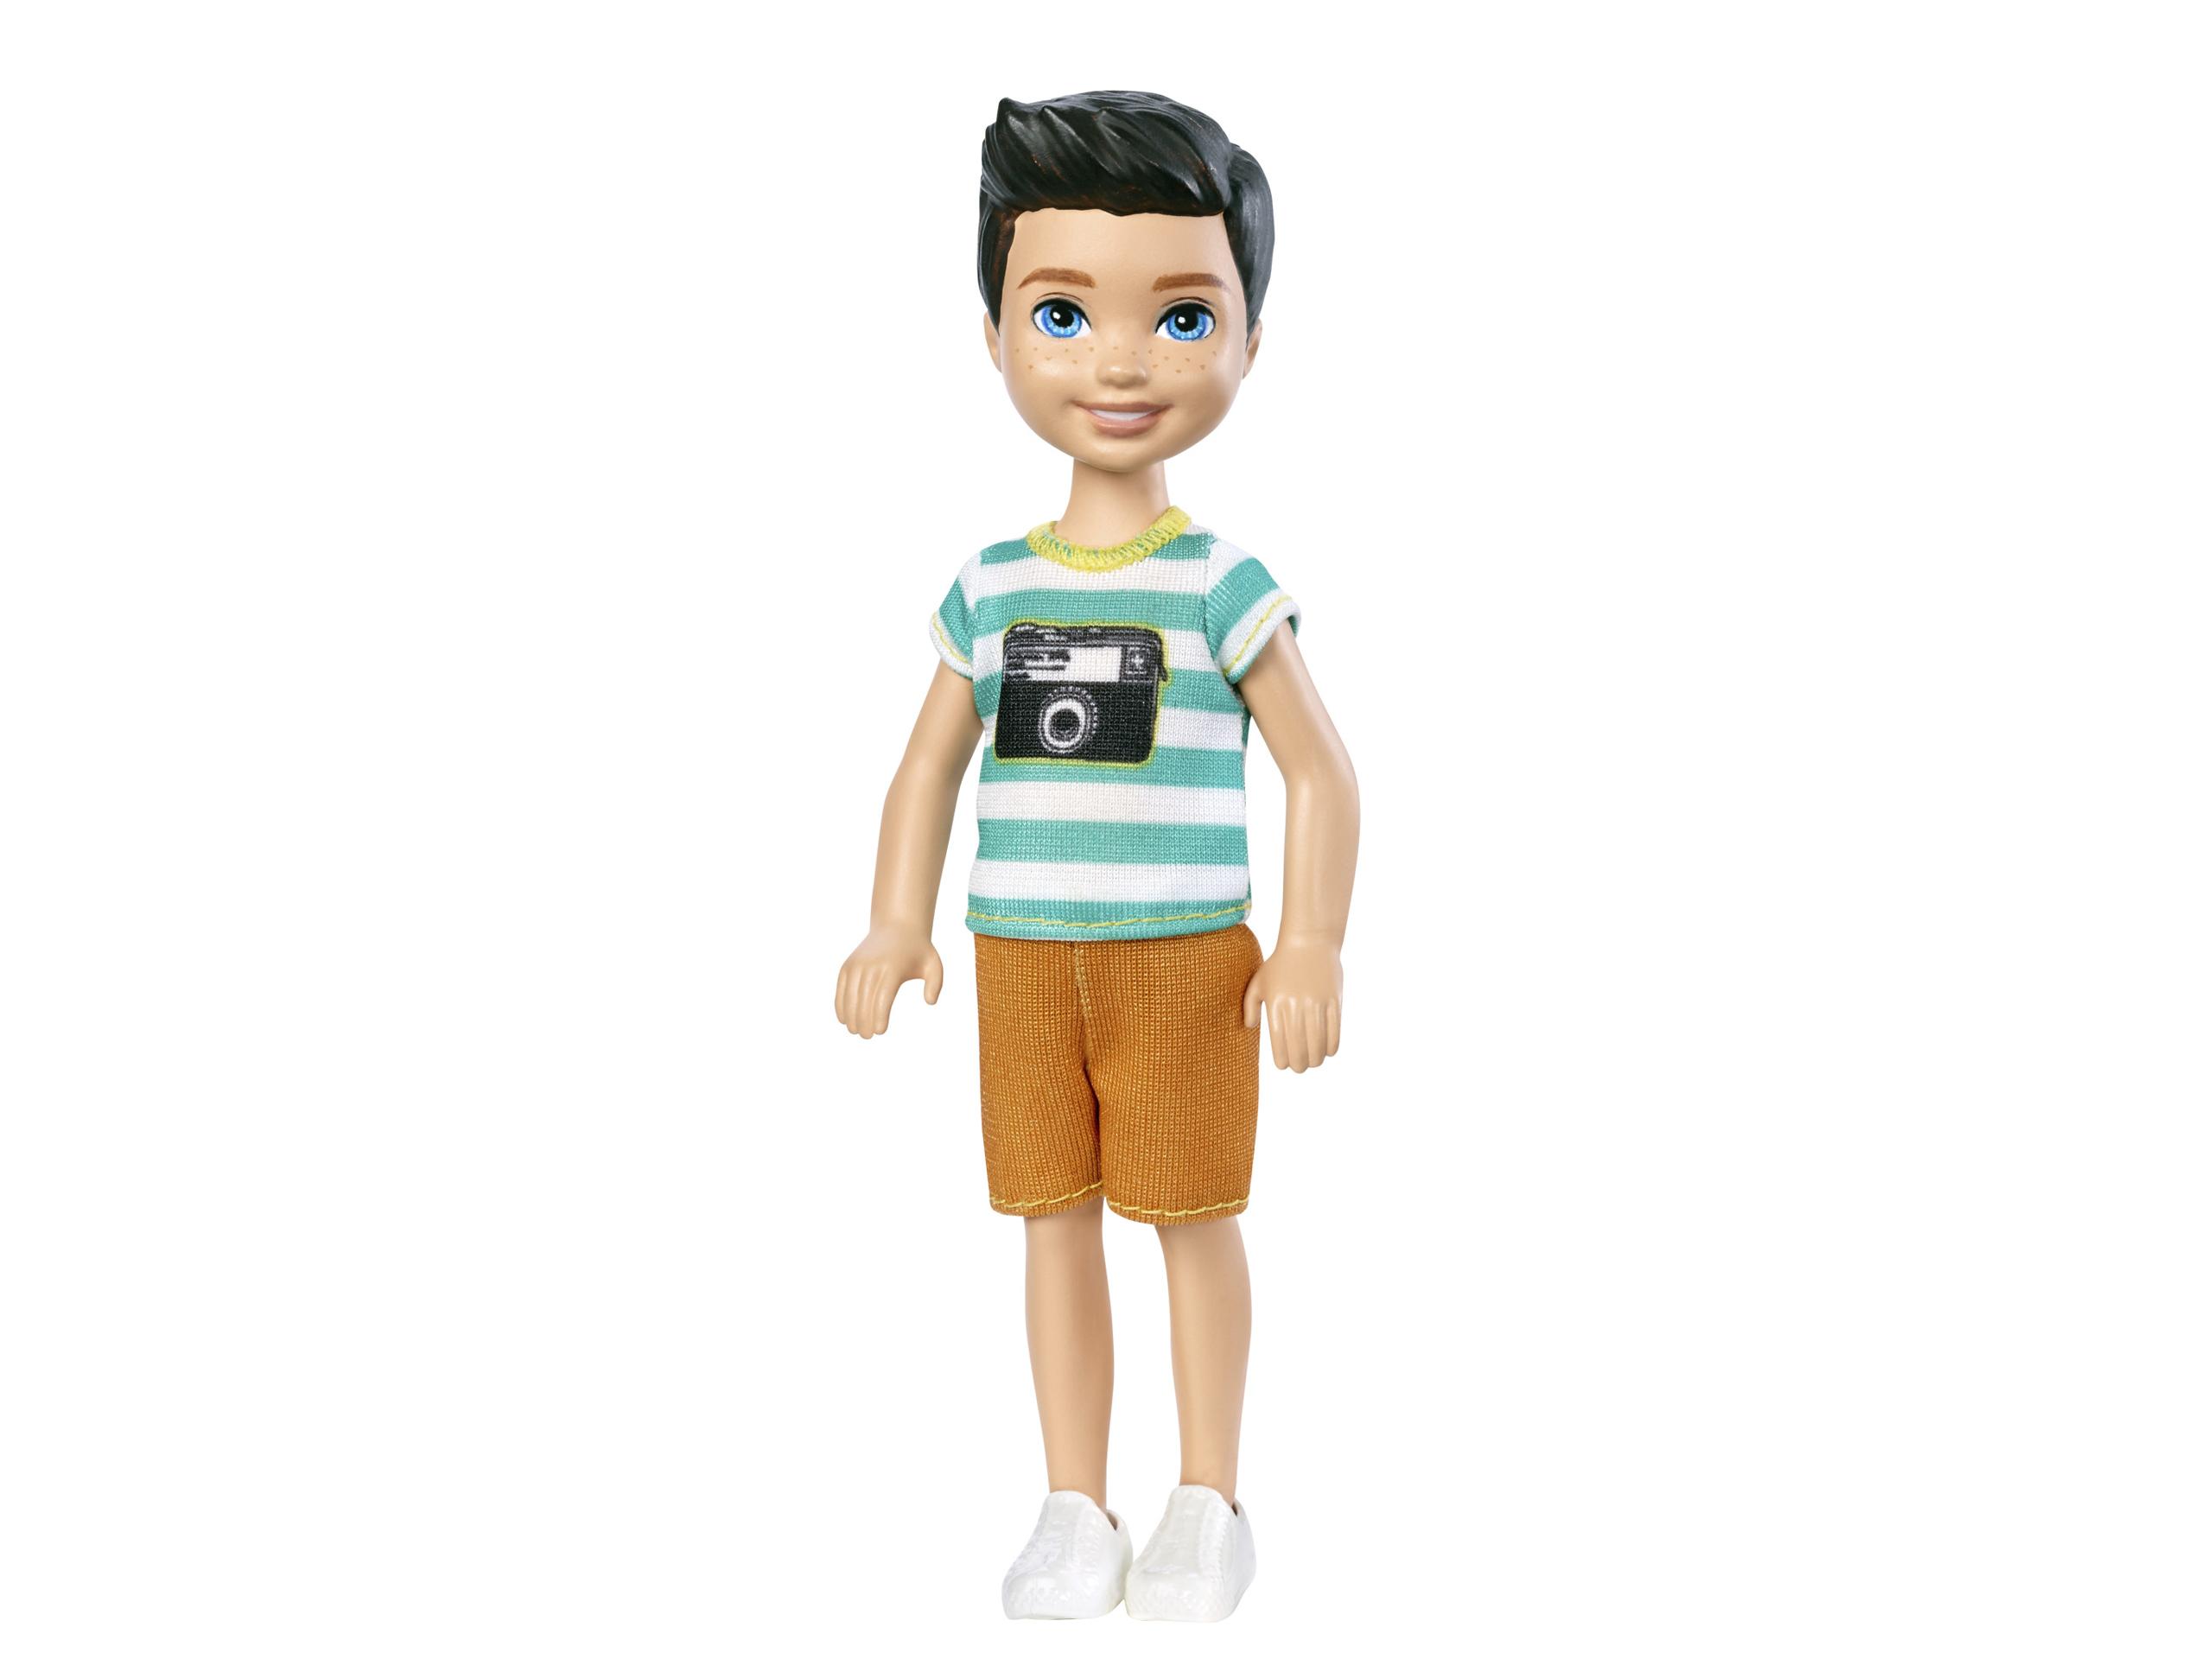 Barbie - Club Chelsea castana - Toys Center